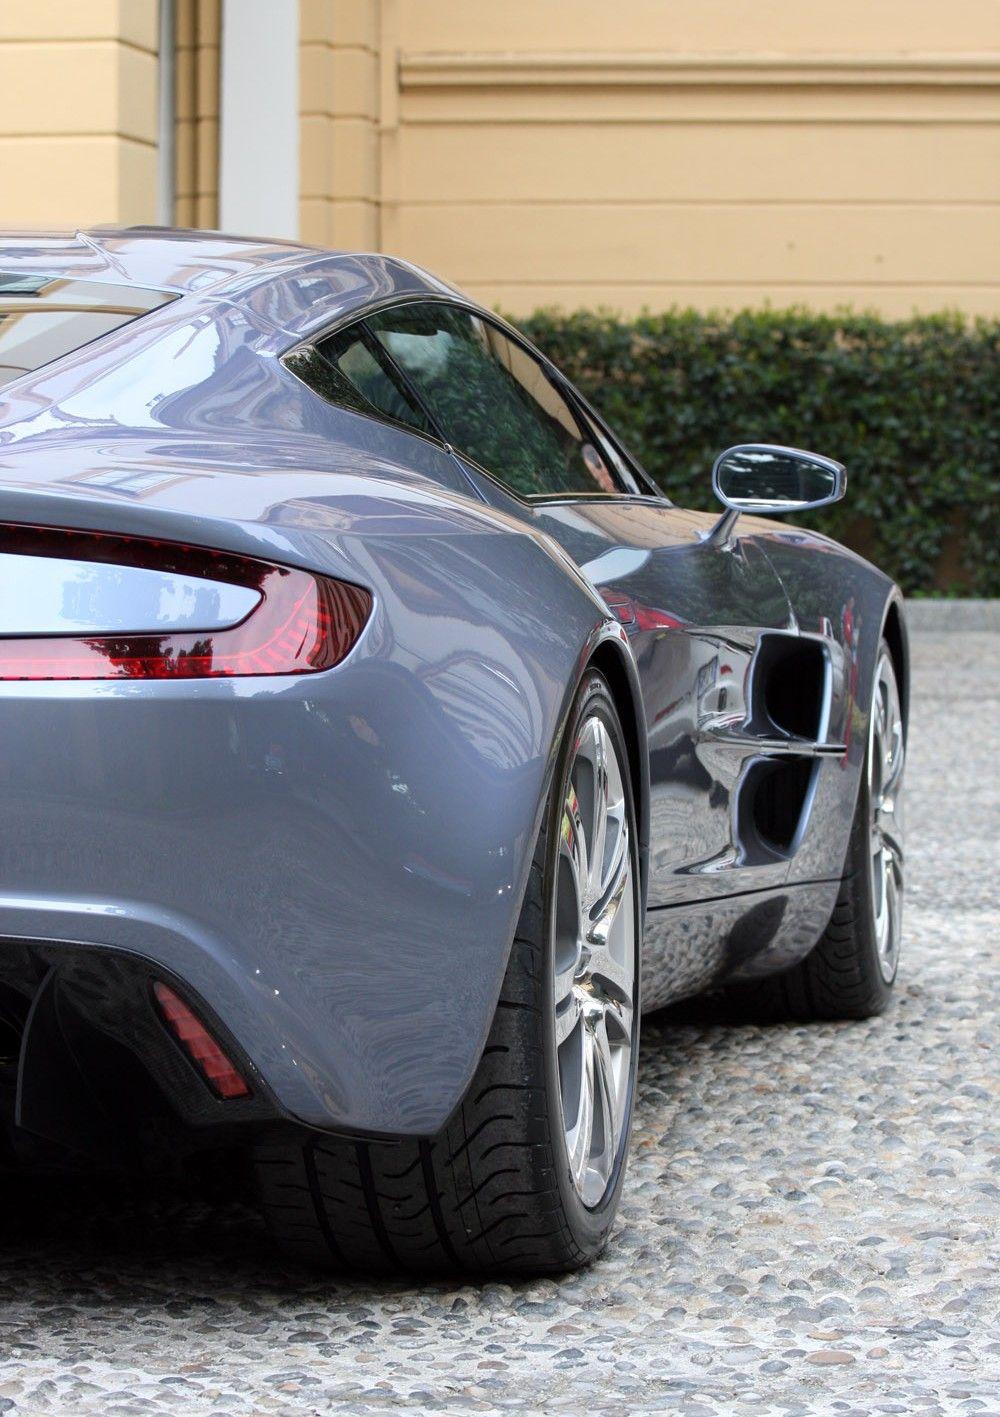 Aston Martin One77😘😍 Gear up LUXURY. Gear down. Feel